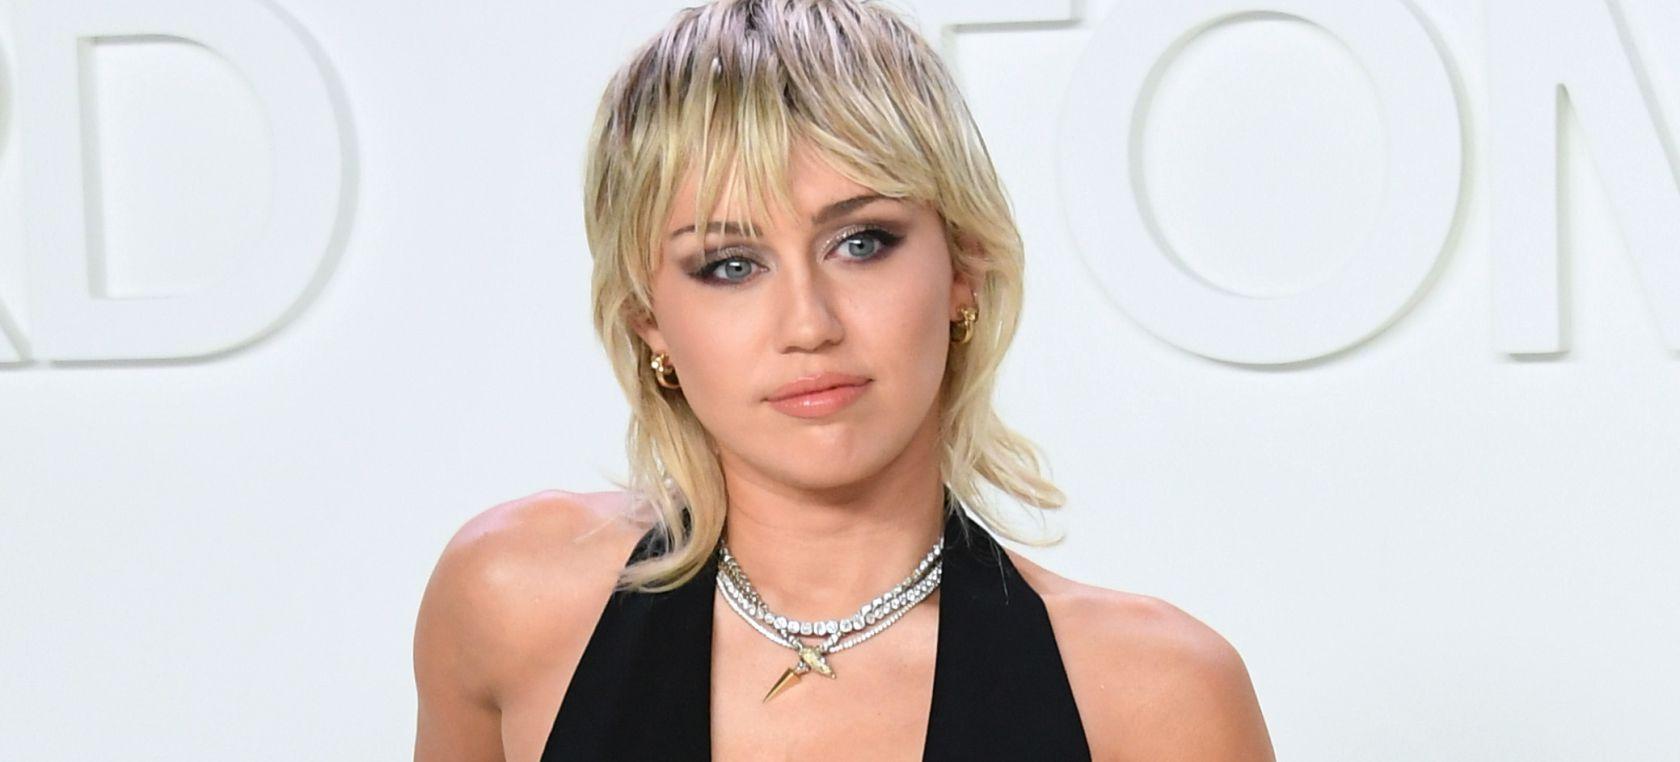 Miley Cyrus más atrevida en el IHeart festival | #PlaceresCulposos